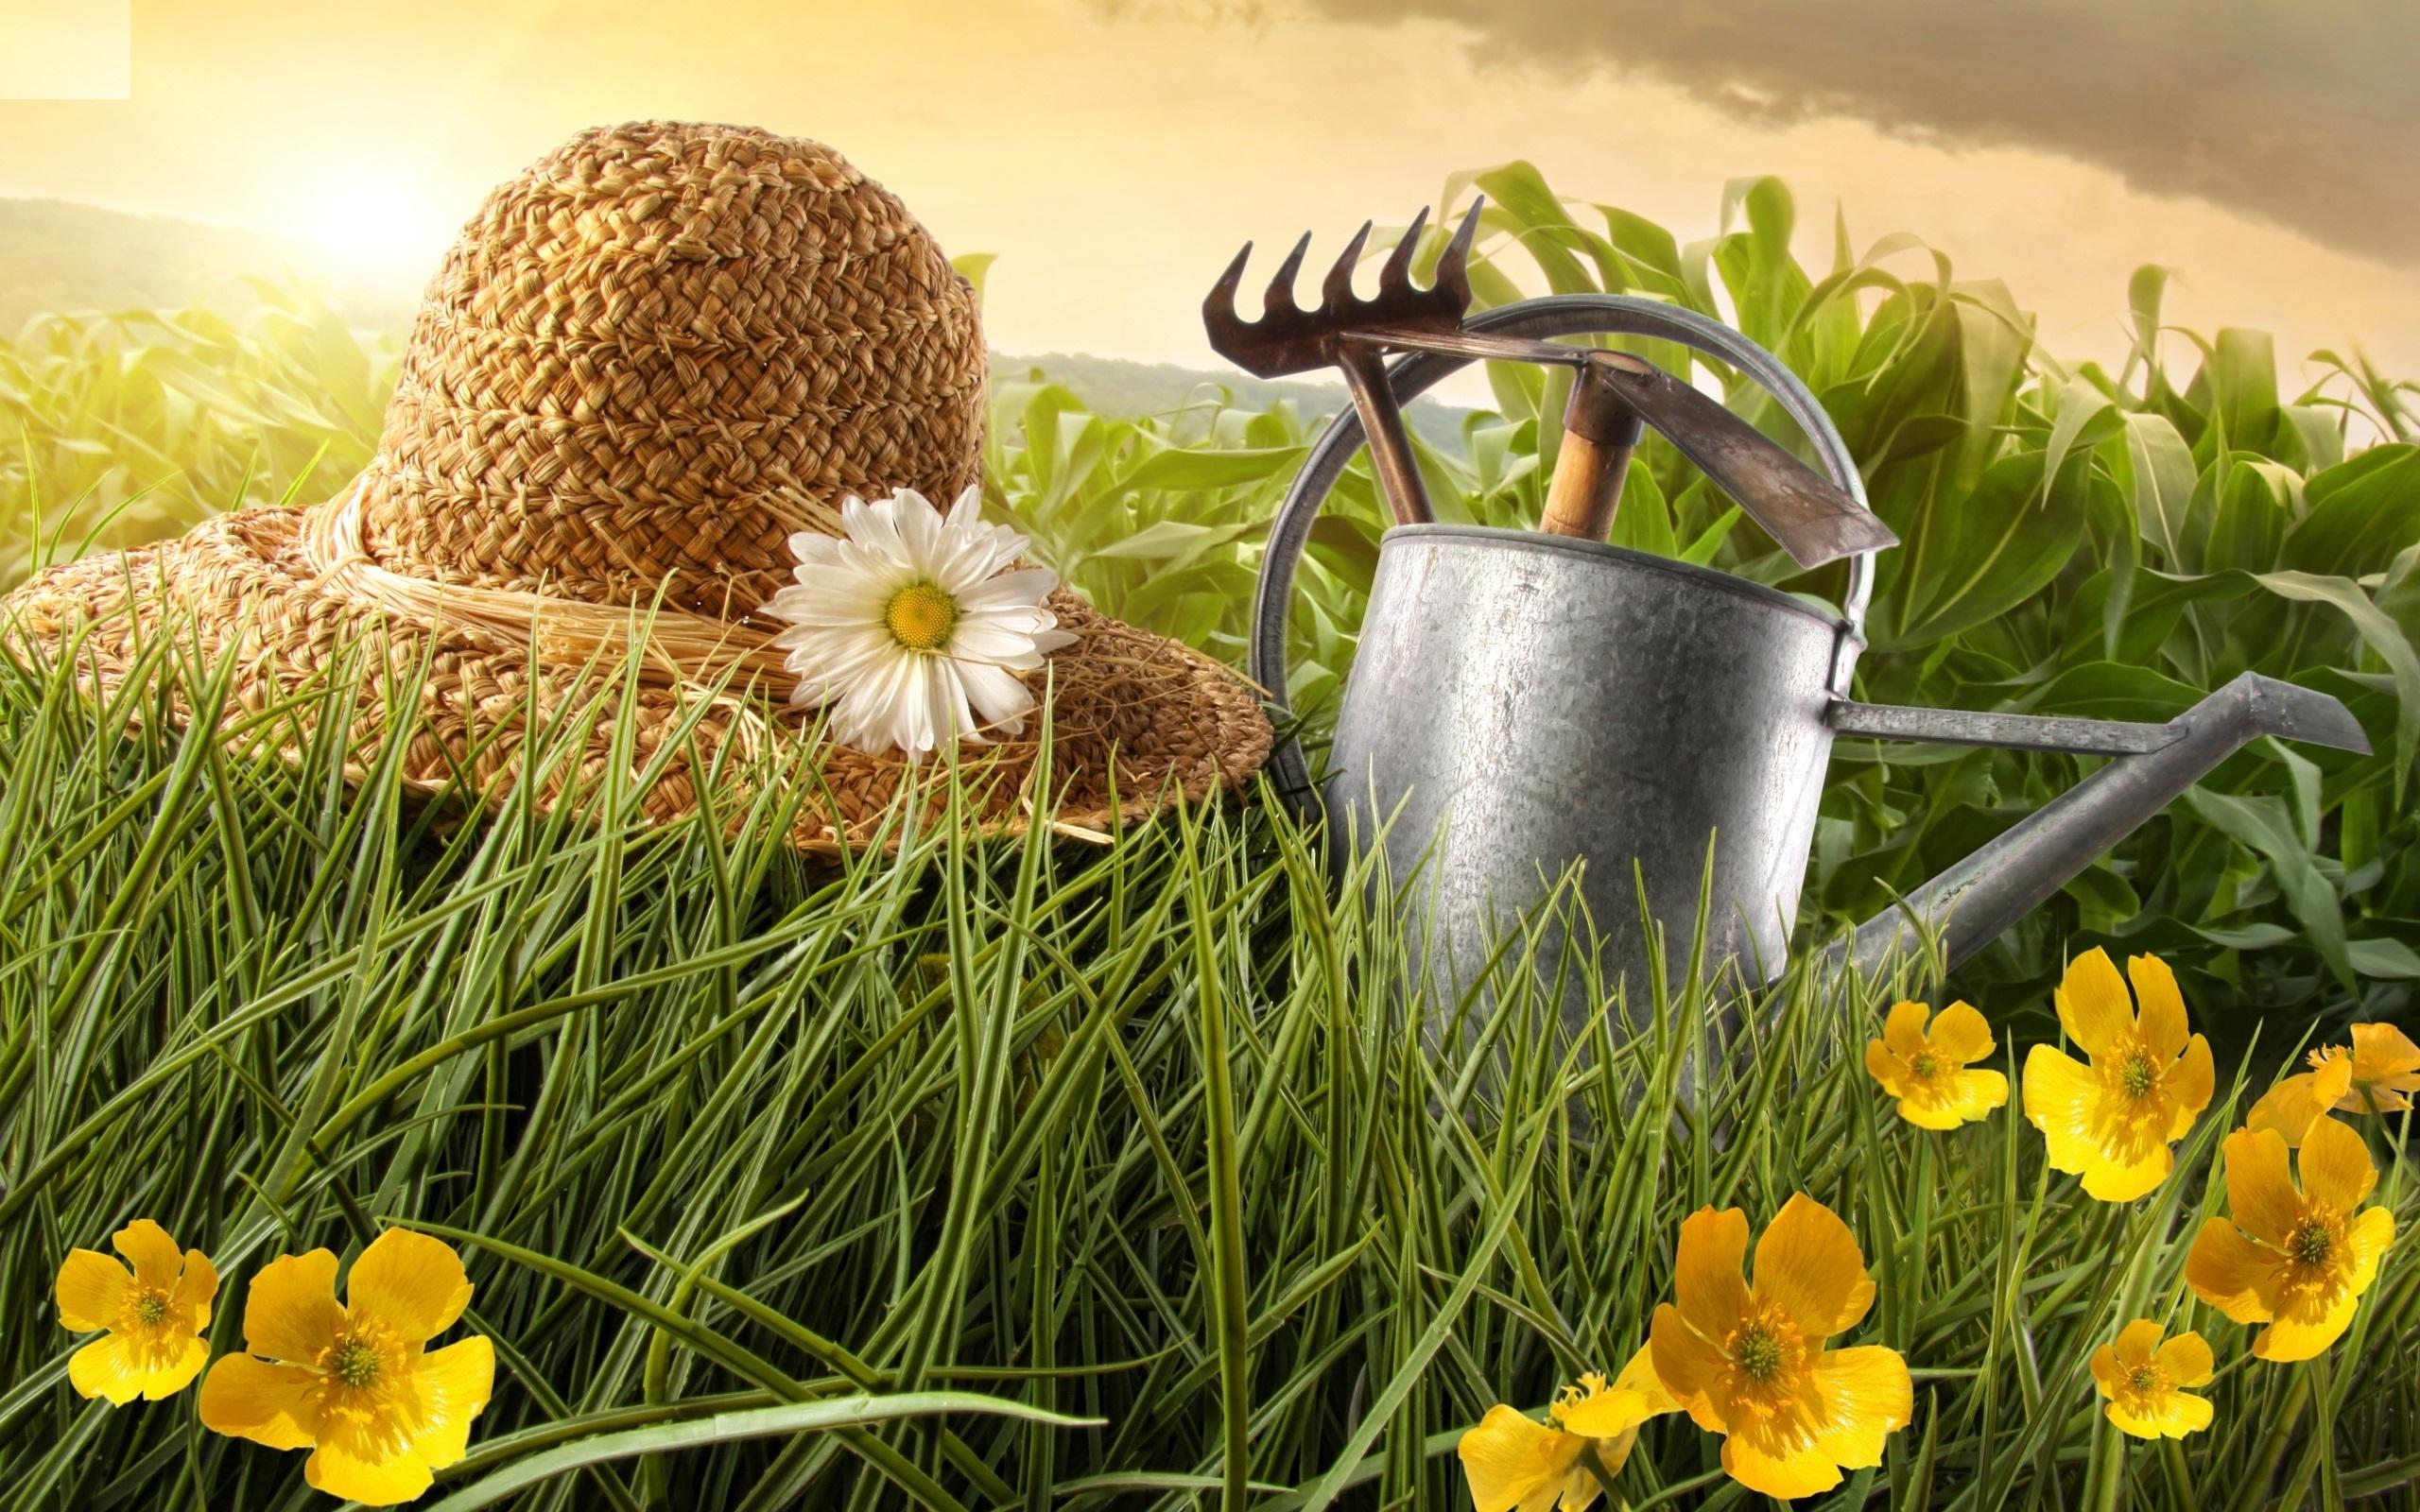 как сделать удобрение, советы на каждый день, все буде добре, лучшие советы, рубрика, огород, итак